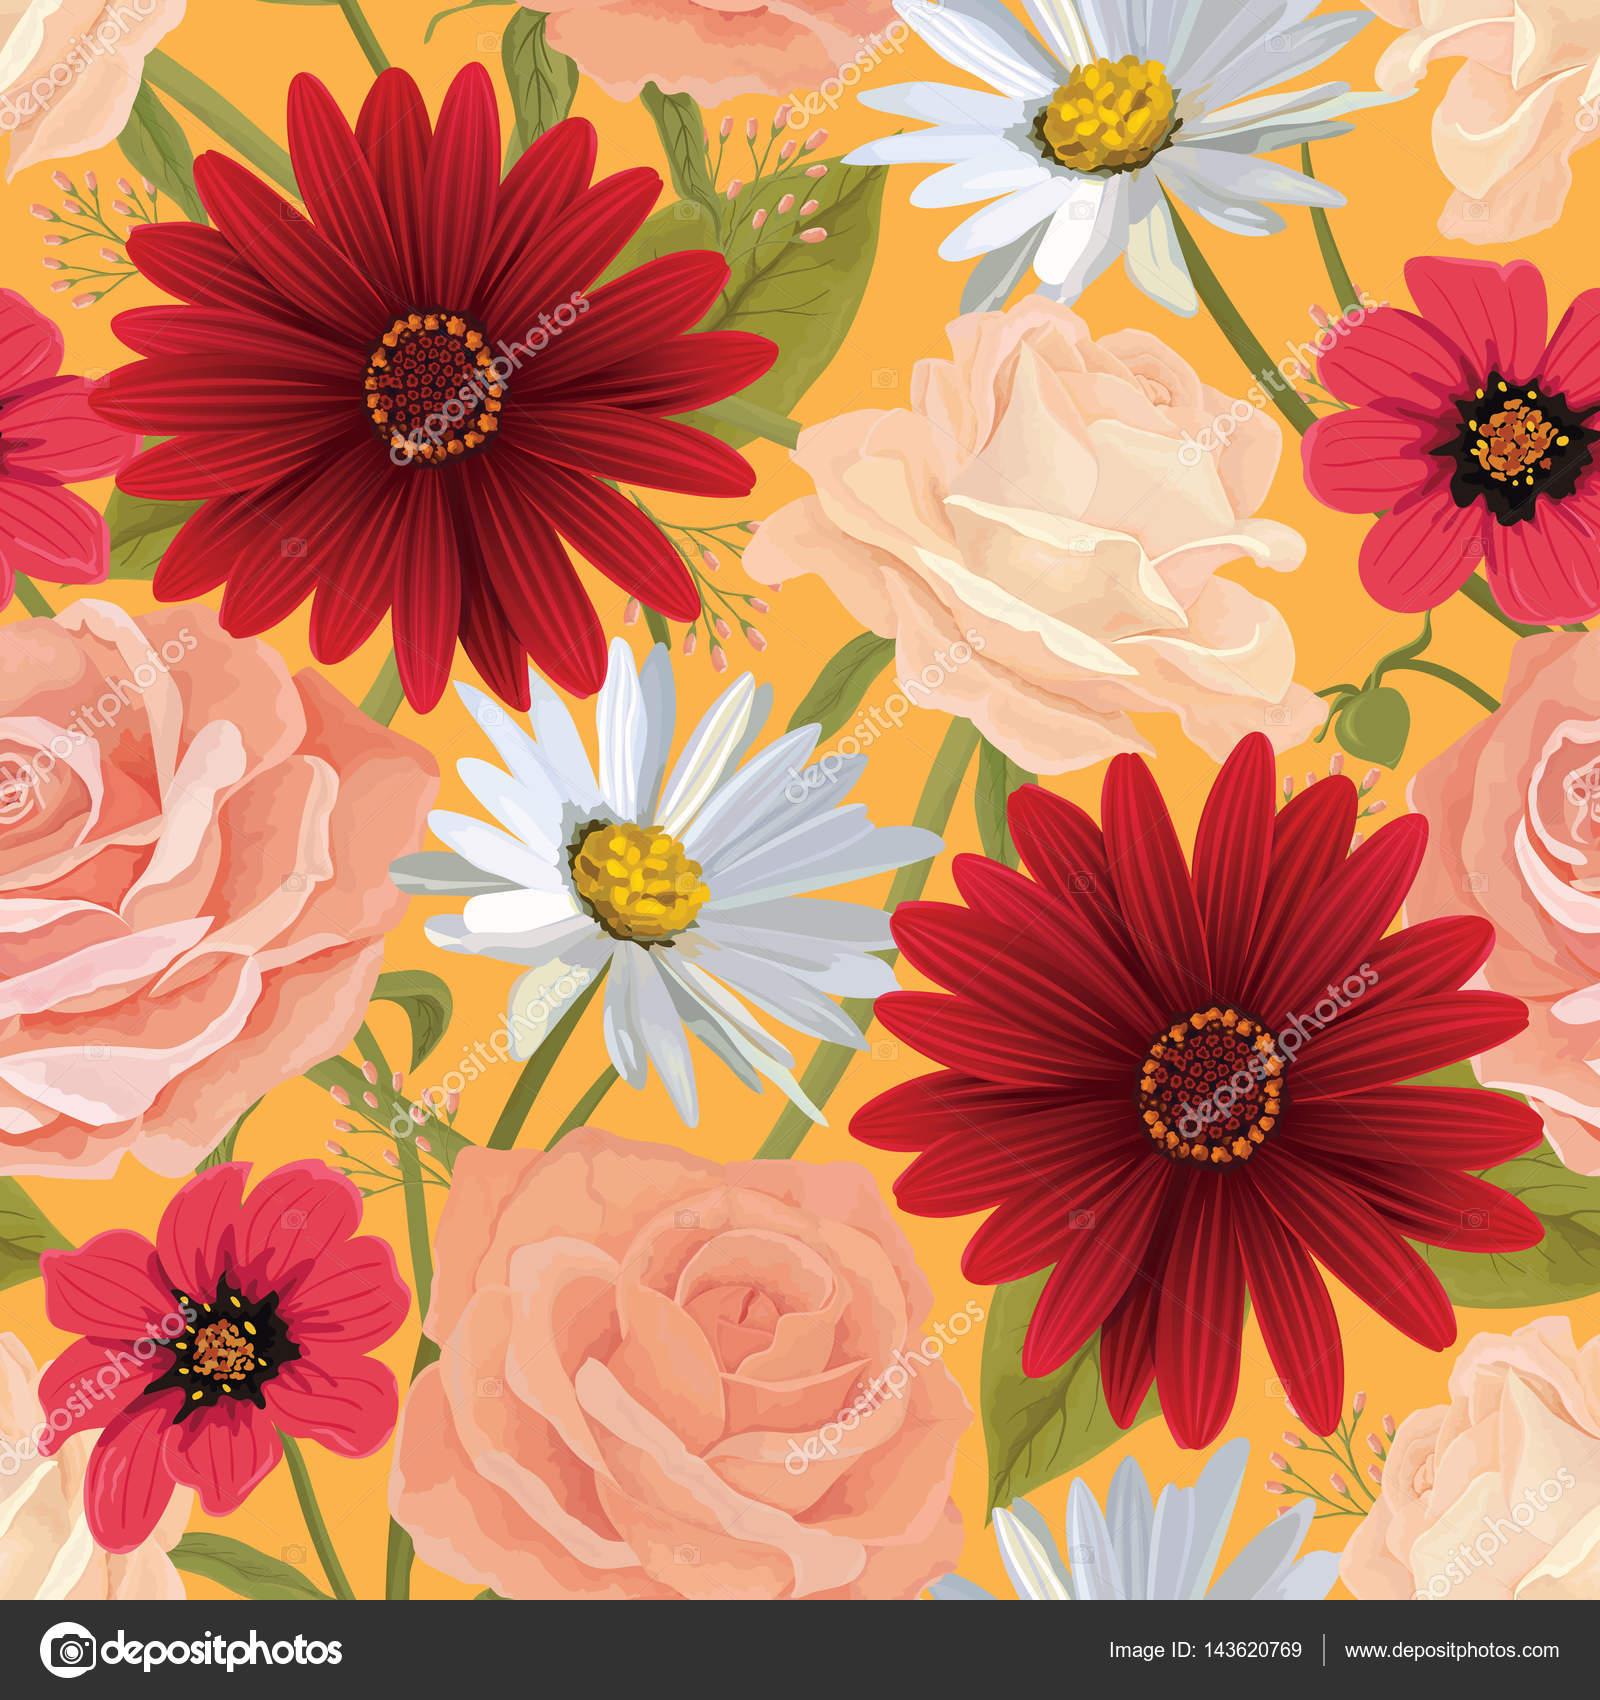 piękny kolor bezszwowe kwiatki z róż gerbera i innych kwiatów tło